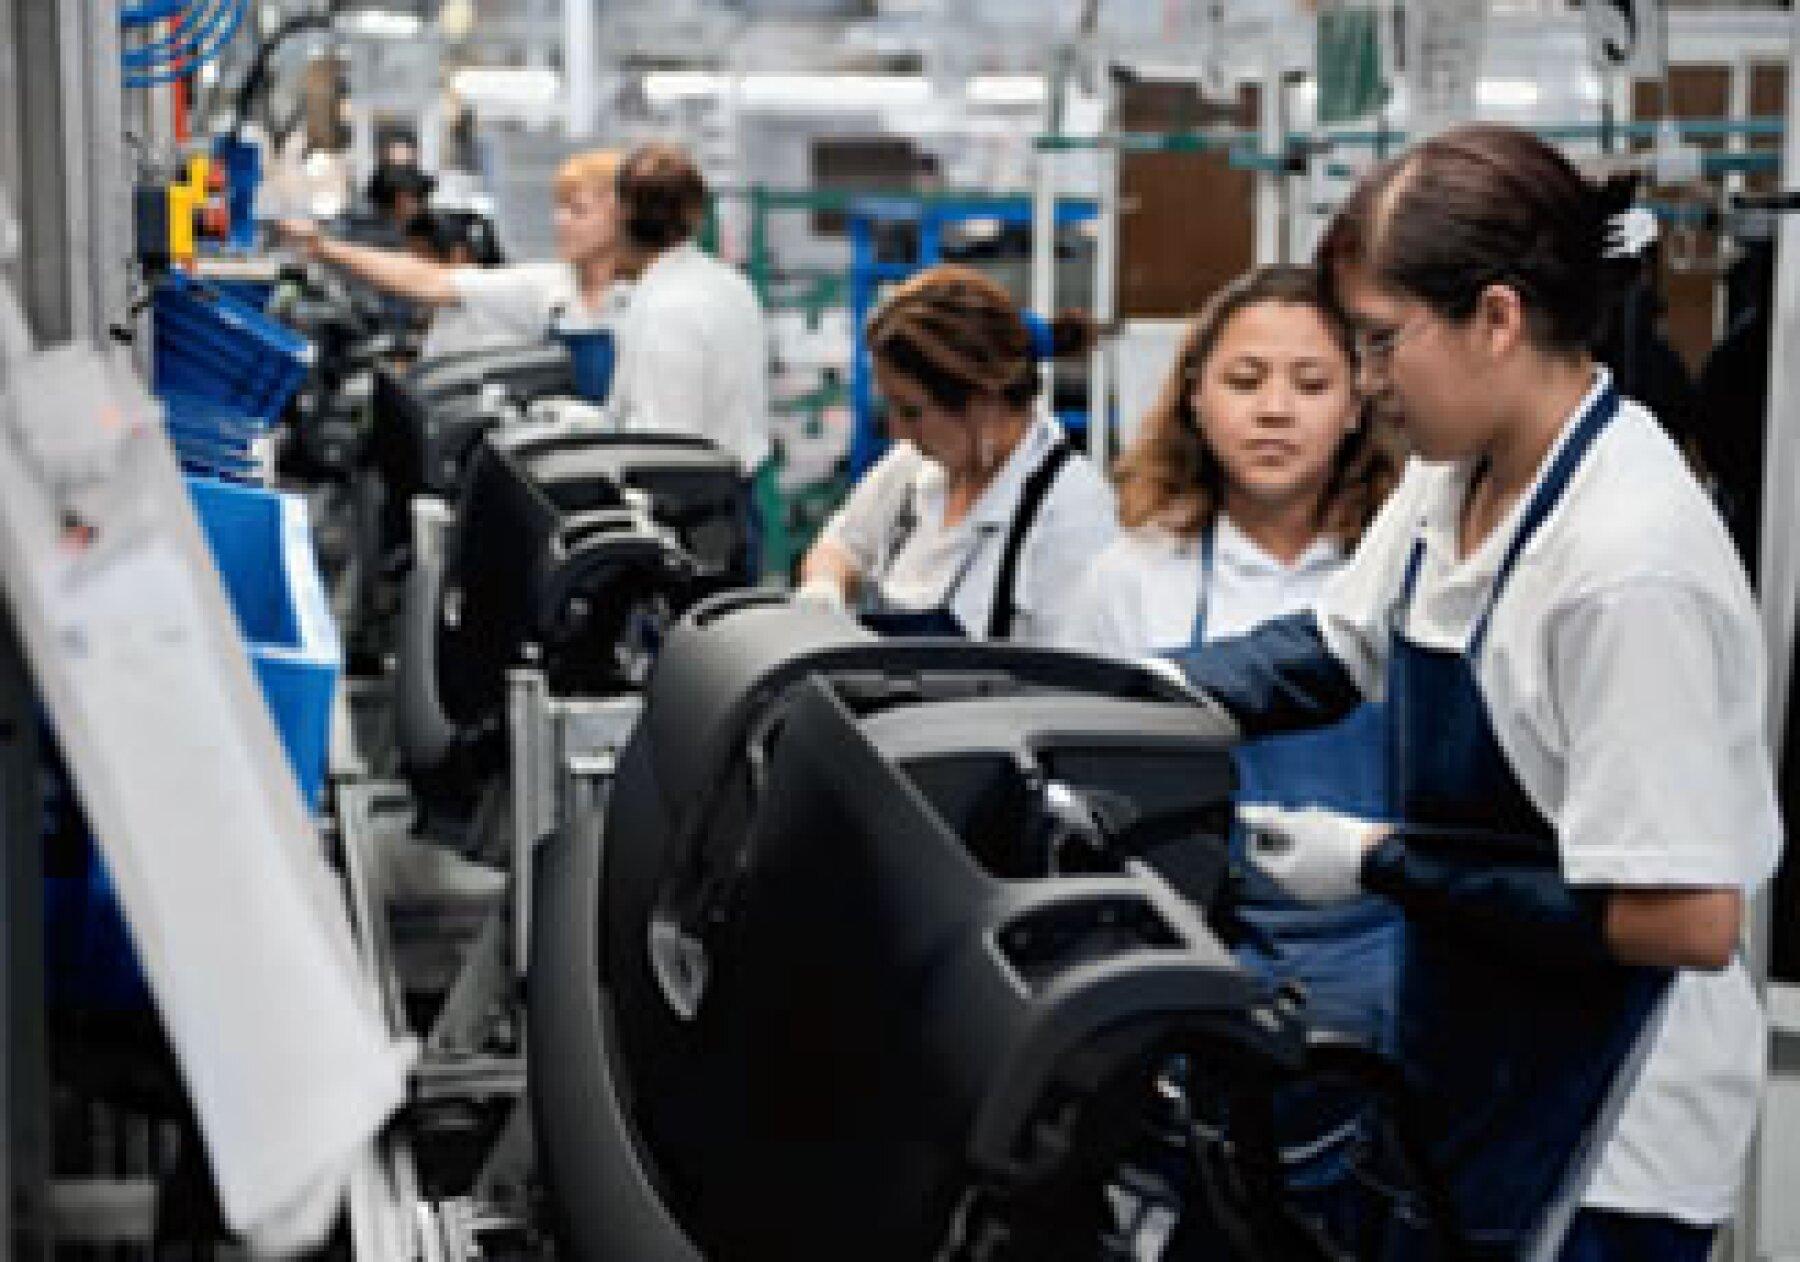 La industria automotriz crece favorablemente después de la estrepitosa caída del año anterior. (Foto: Archivo Manufactura)